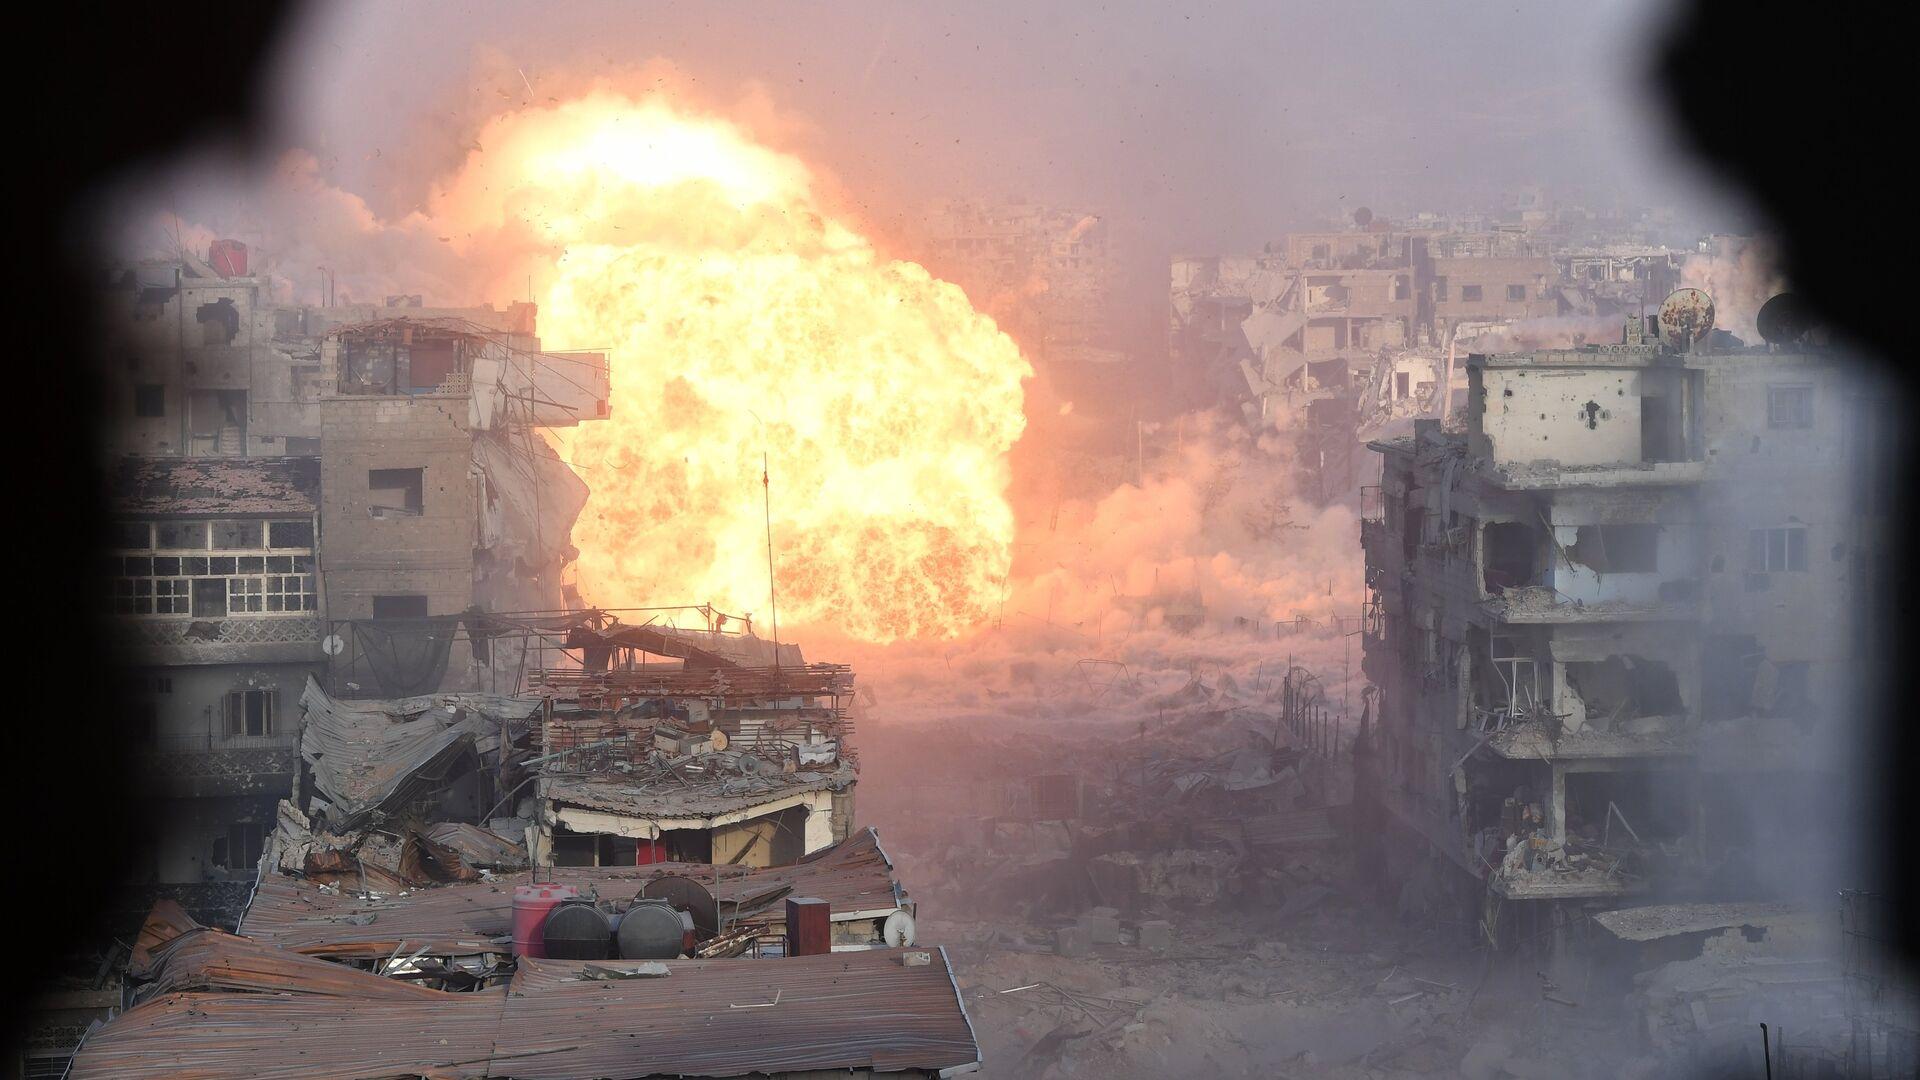 Штурм позиций бойцов террористической организации Исламское государство (ИГ)* в южном пригороде Дамаска. 17 мая 2018  - РИА Новости, 1920, 30.09.2020